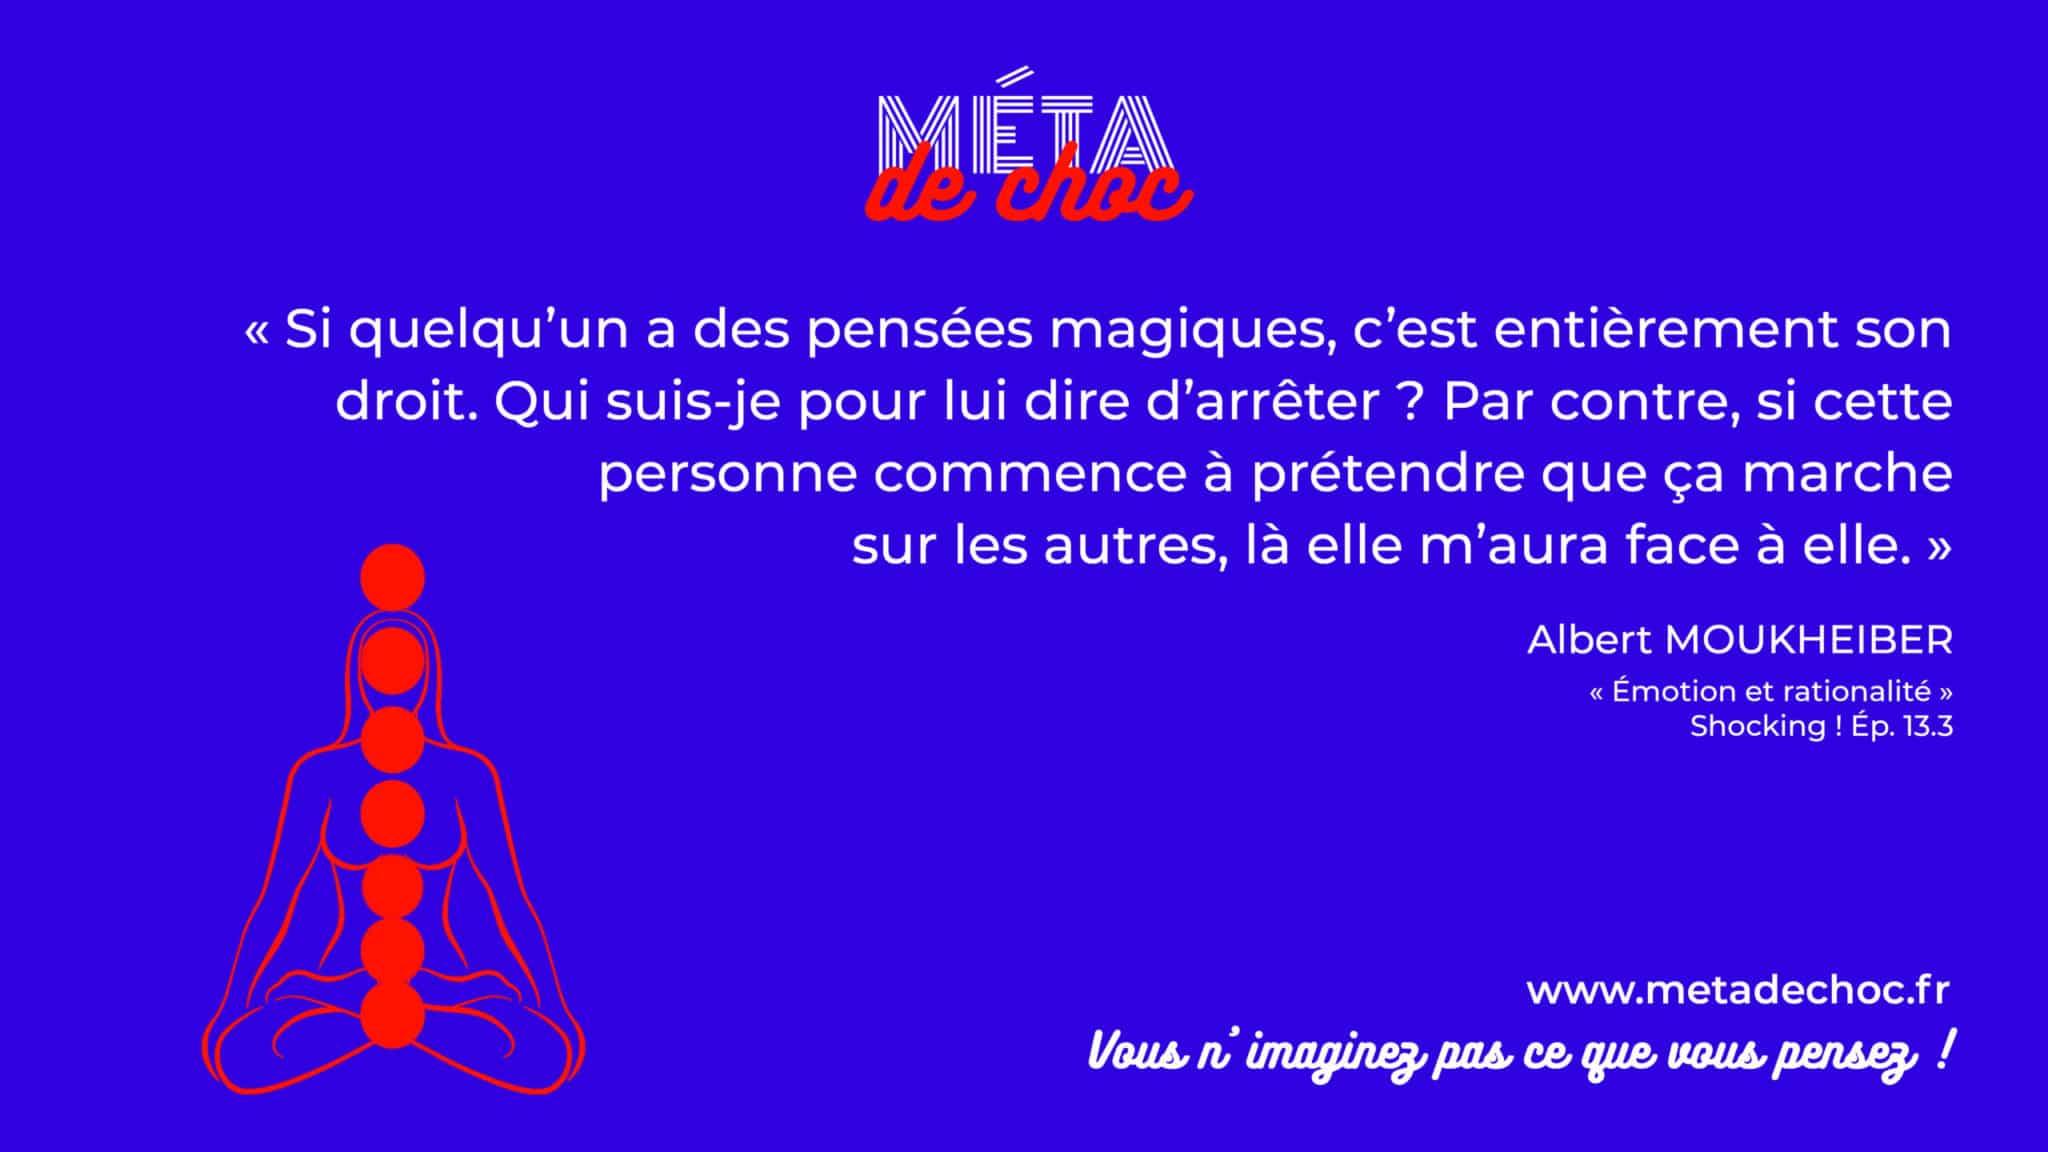 Thème du mème :  | Citation :  | Auteur.rice : Albert Moukheiber | Émission : Émotion et rationalité | Image d'illustration :